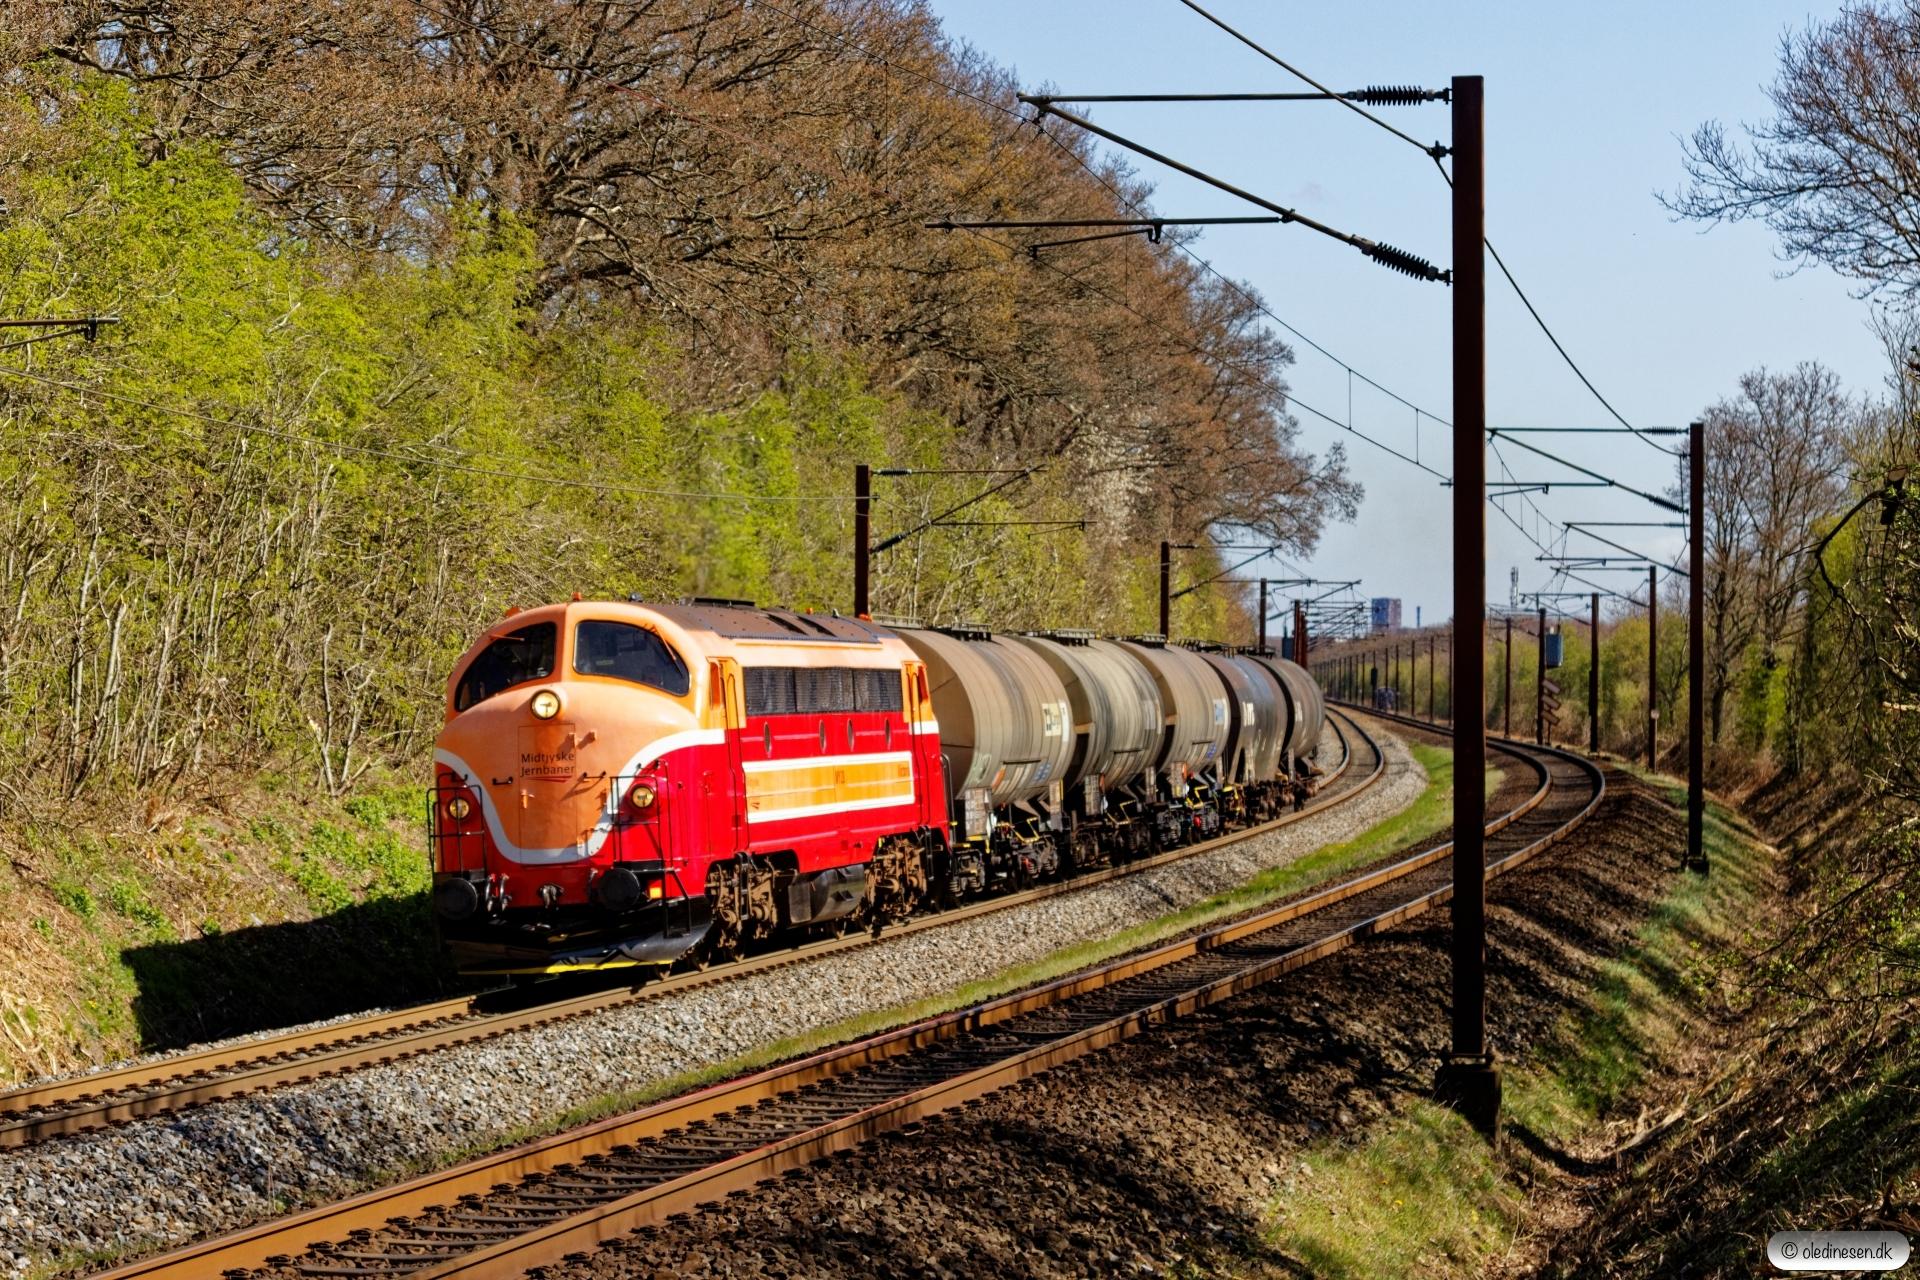 MjbaD MY 28 med G 7243 Ng-Fa. Km 165,6 Kh (Odense-Holmstrup) 16.04.2020.